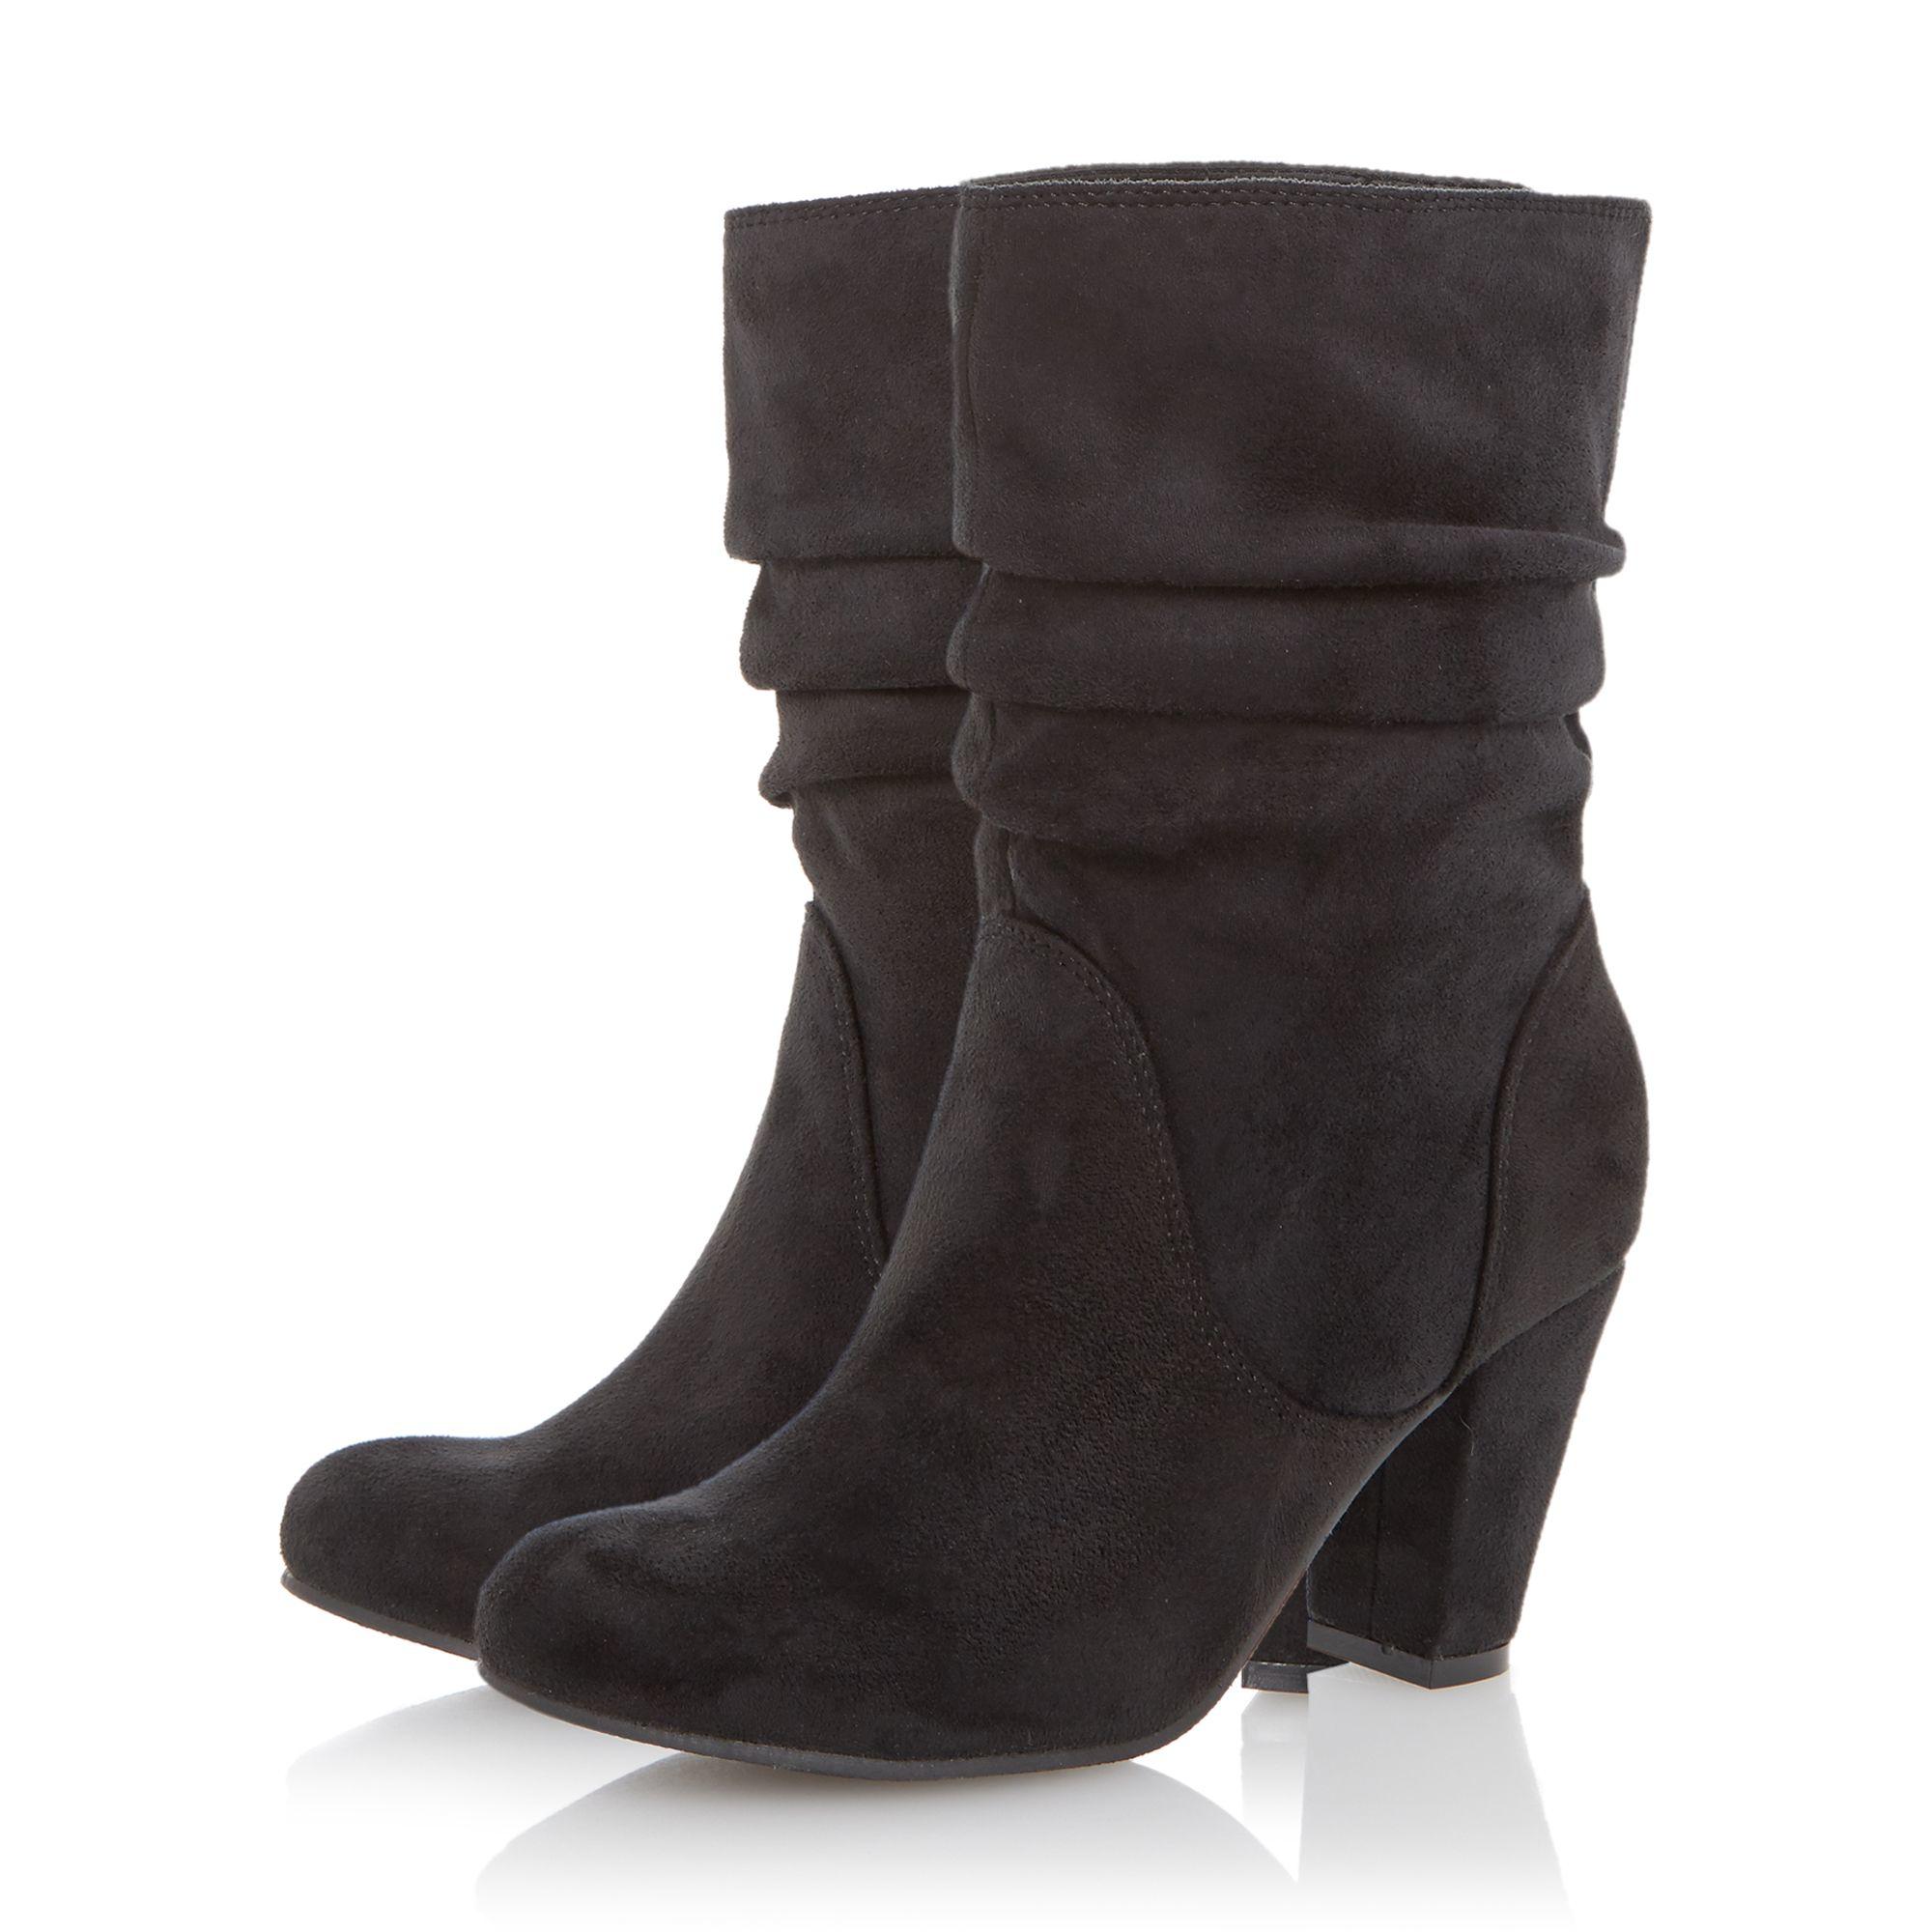 Head Over Heels Shoes Rhoda